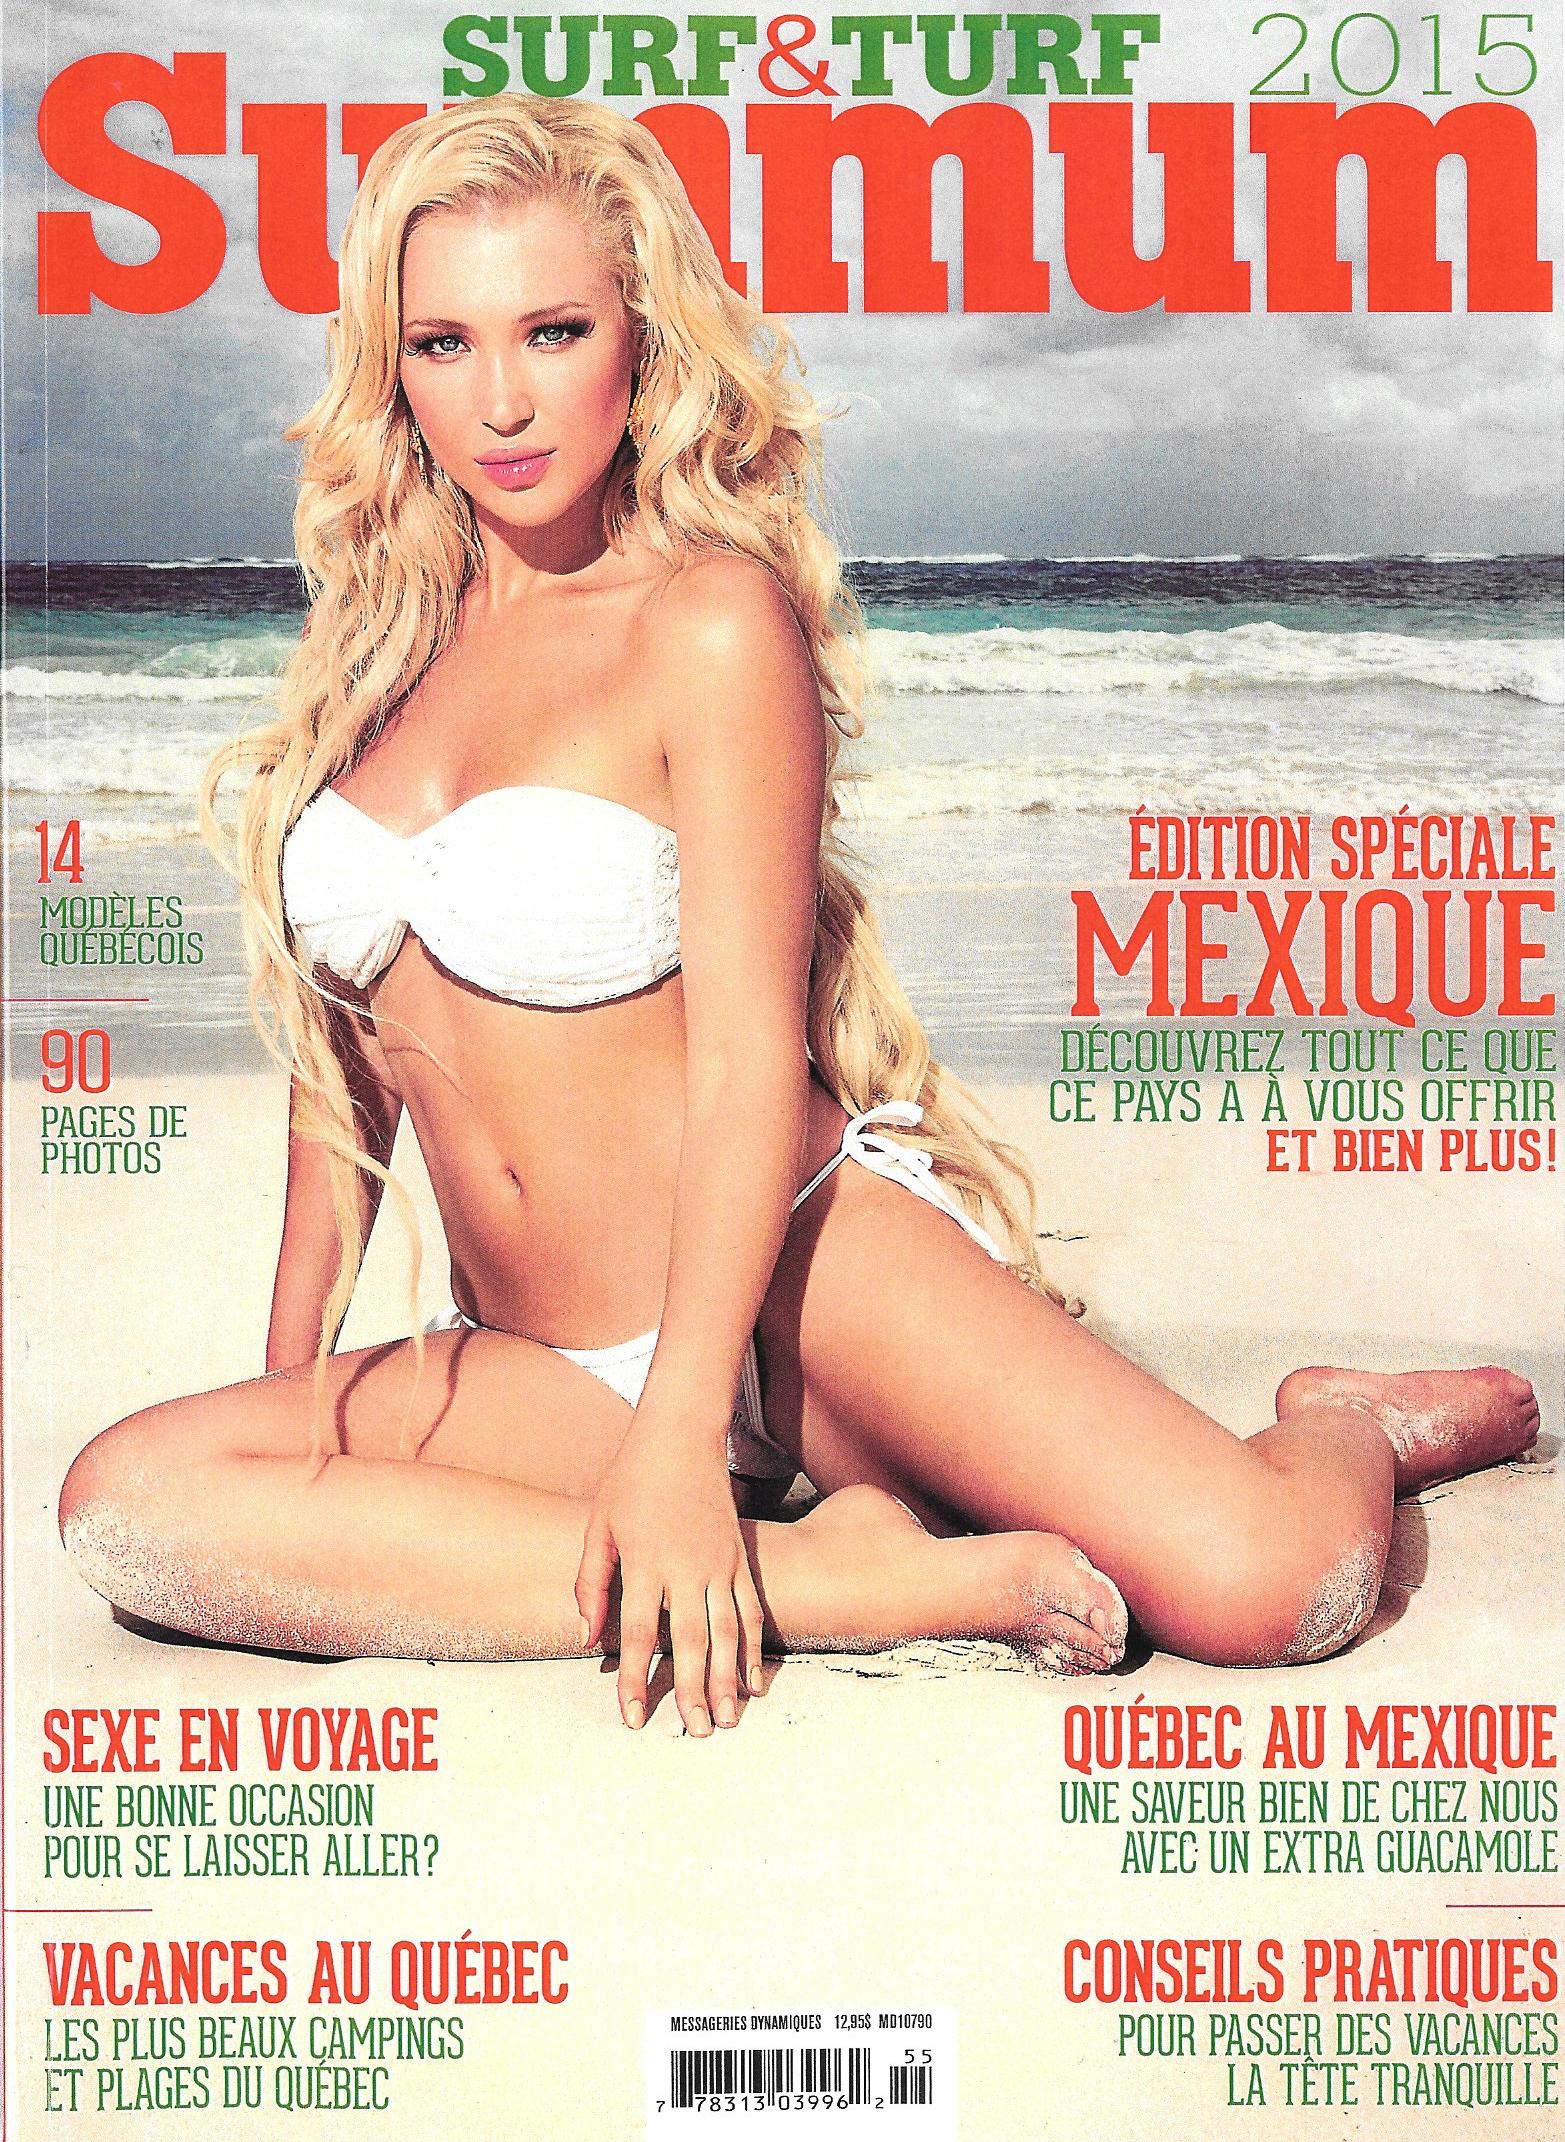 Numerisation Presse Summum cover.jpg